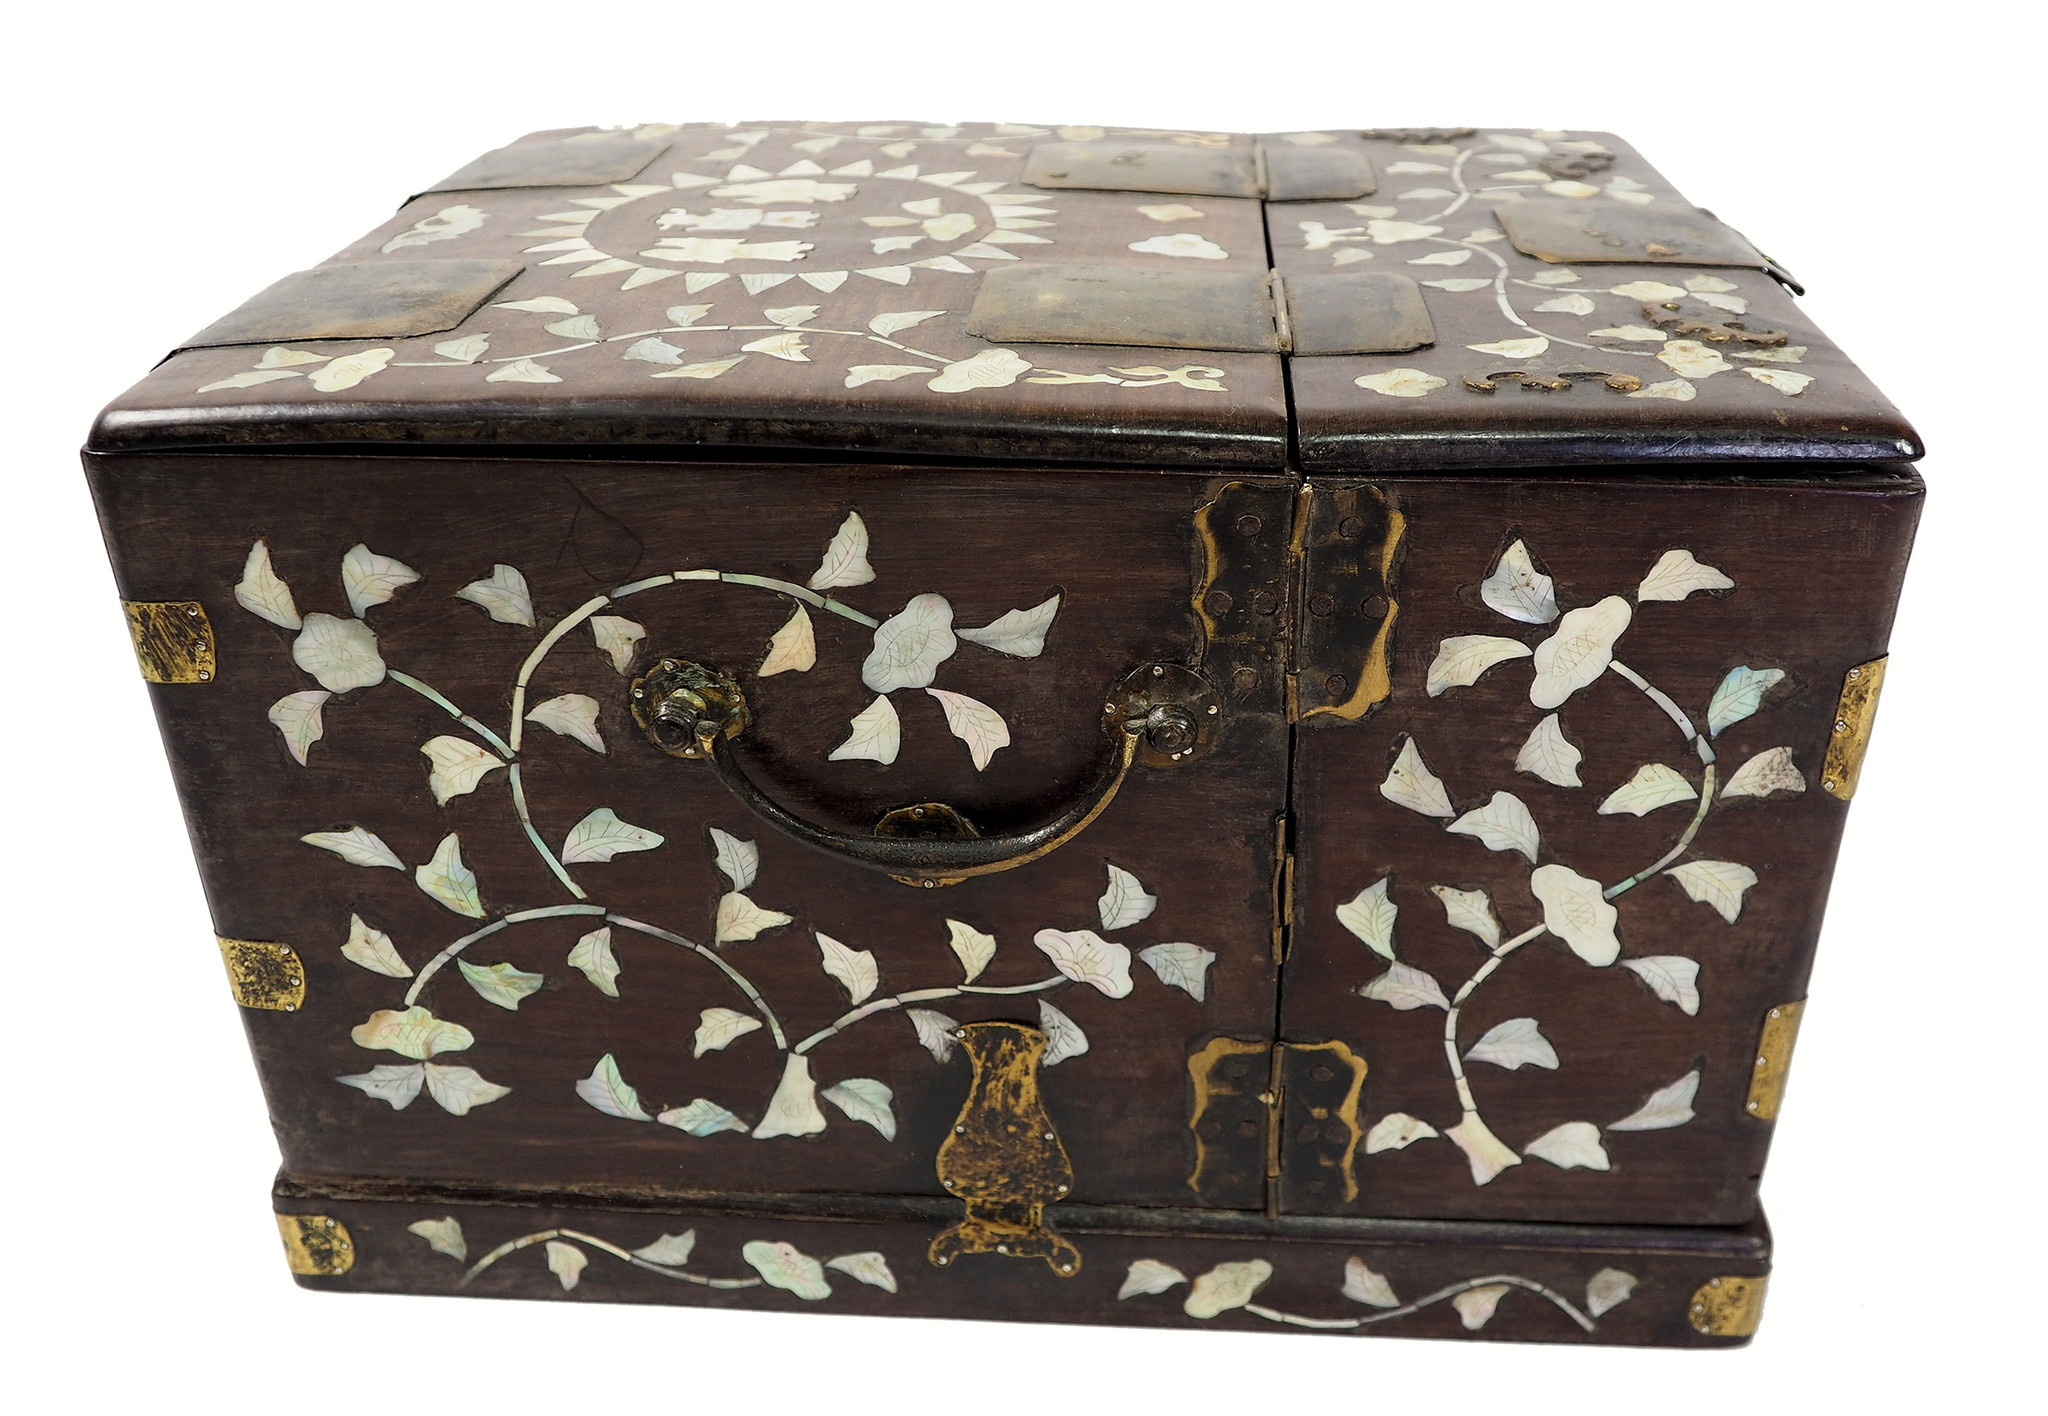 antike Chinesisch Palisander Holz Schmuckschatulle schminkkiste schminkkoffer mit Spiegel und Perlmutt Intarsien 19th century Rarität